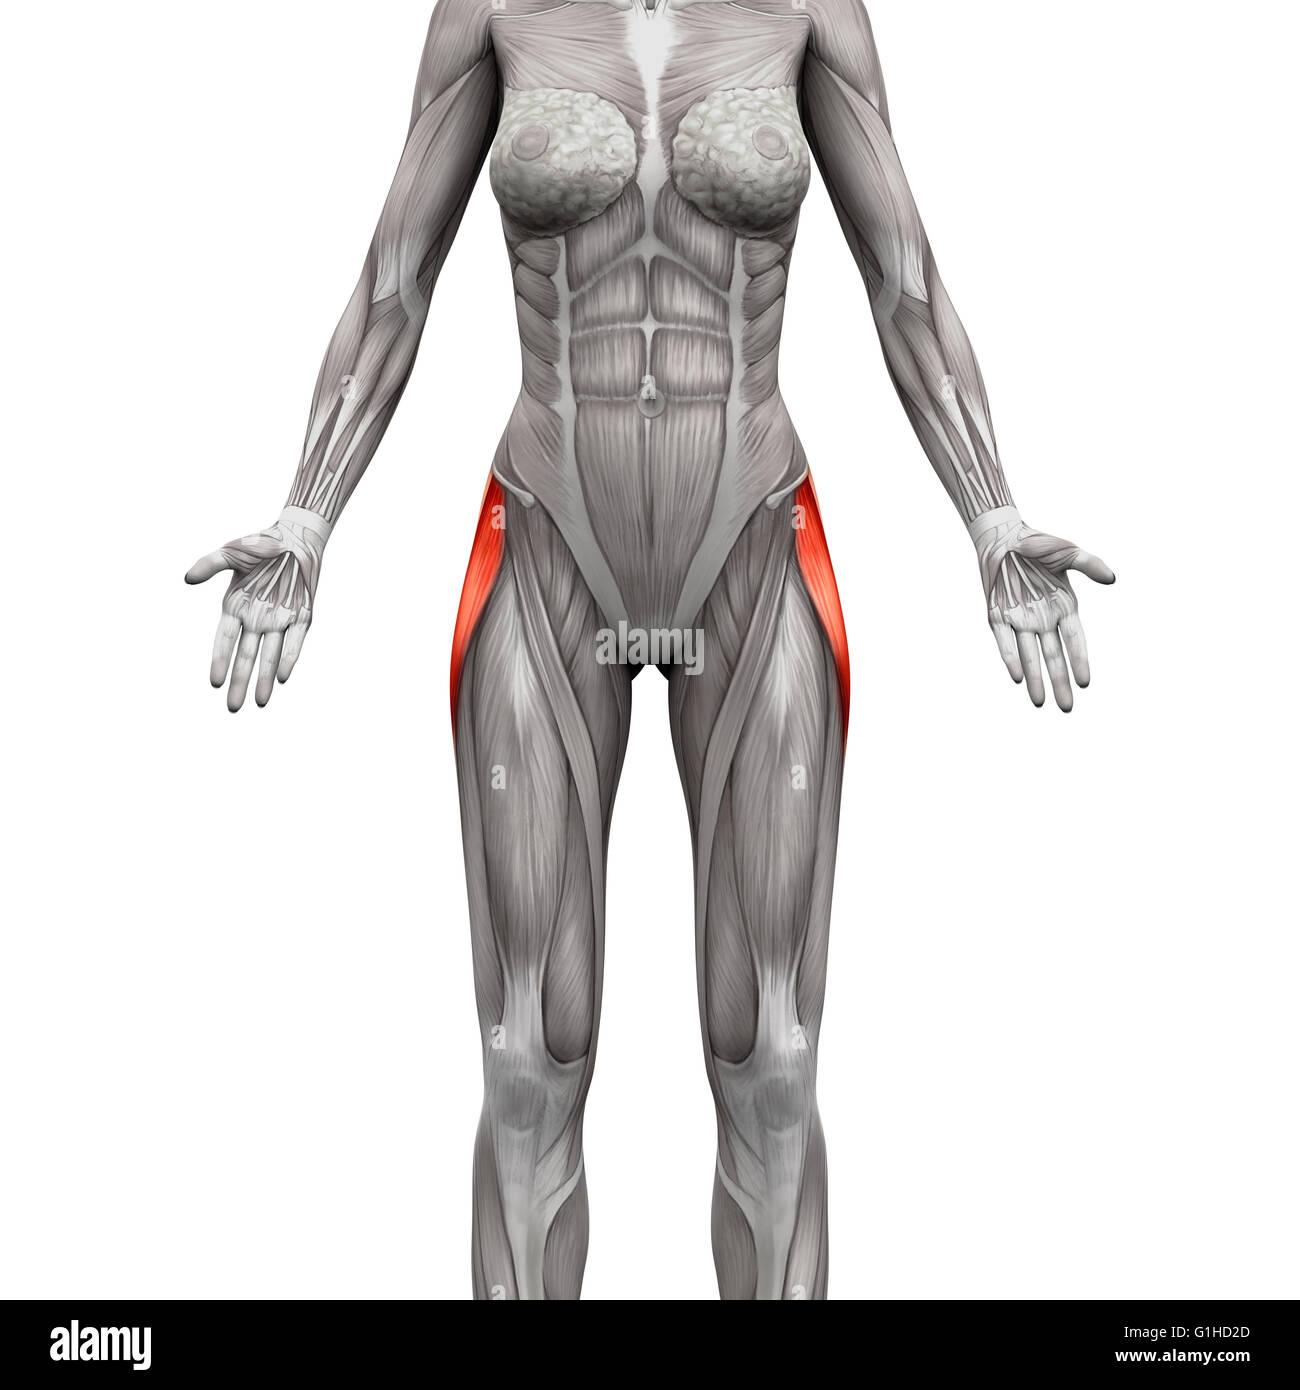 Tensor Faszien Latae Muskel - isoliert Anatomie Muskeln auf weiss ...